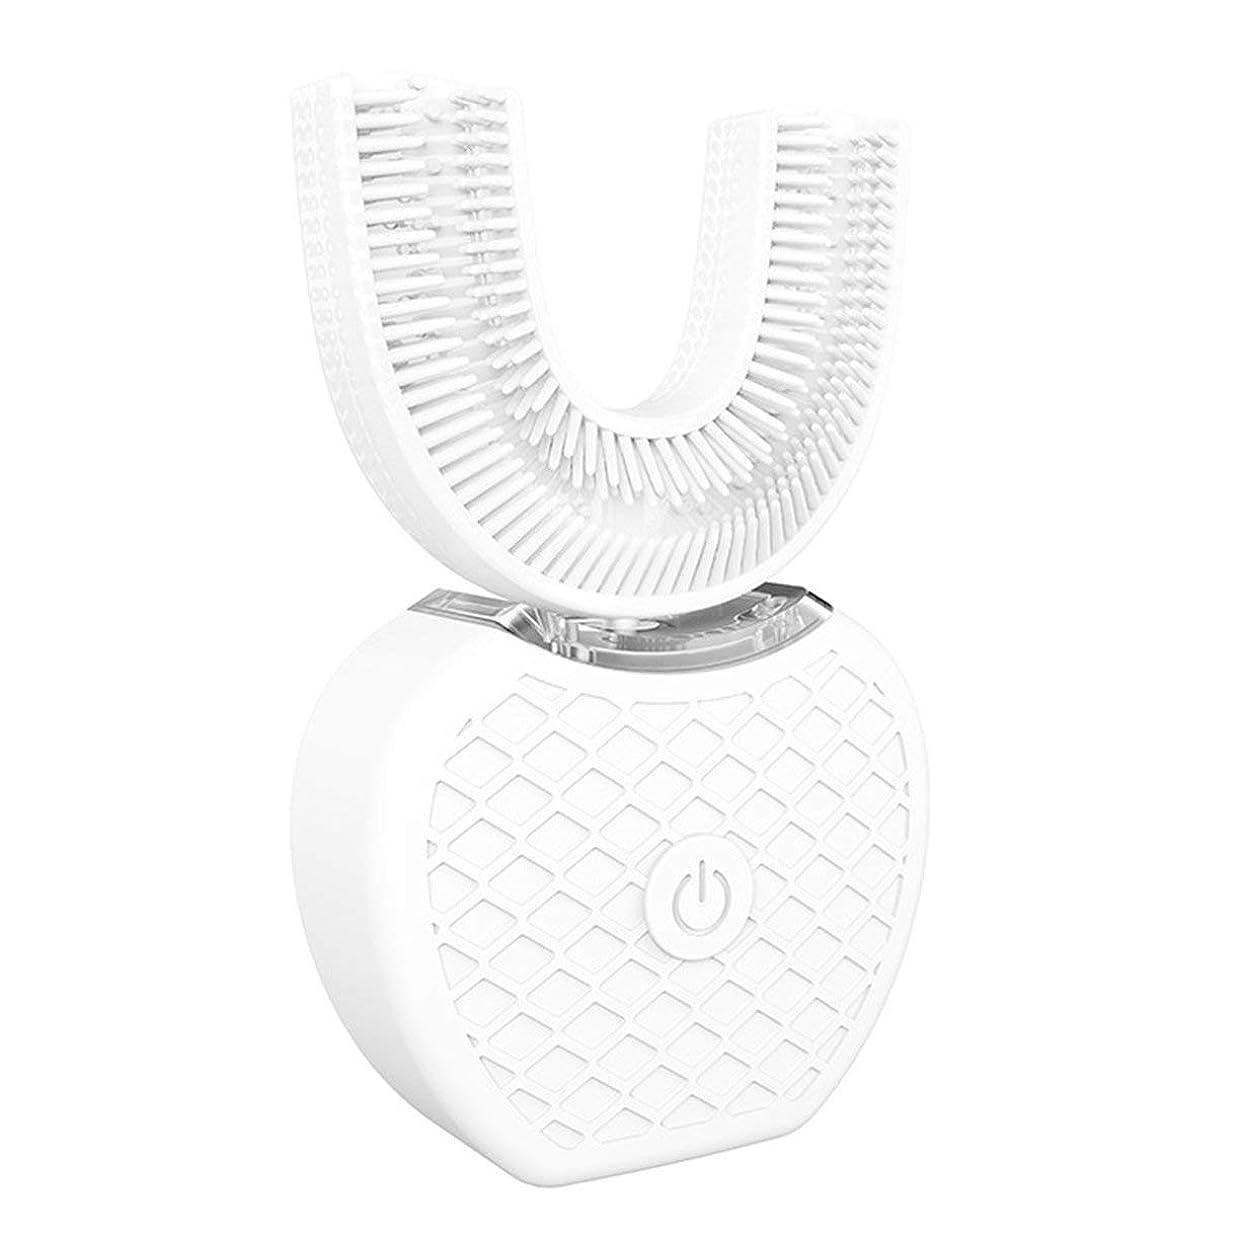 全国ビスケット傾斜360°ワイヤレス充電怠惰な自動ソニックシリコーン電動歯ブラシ - ホワイト